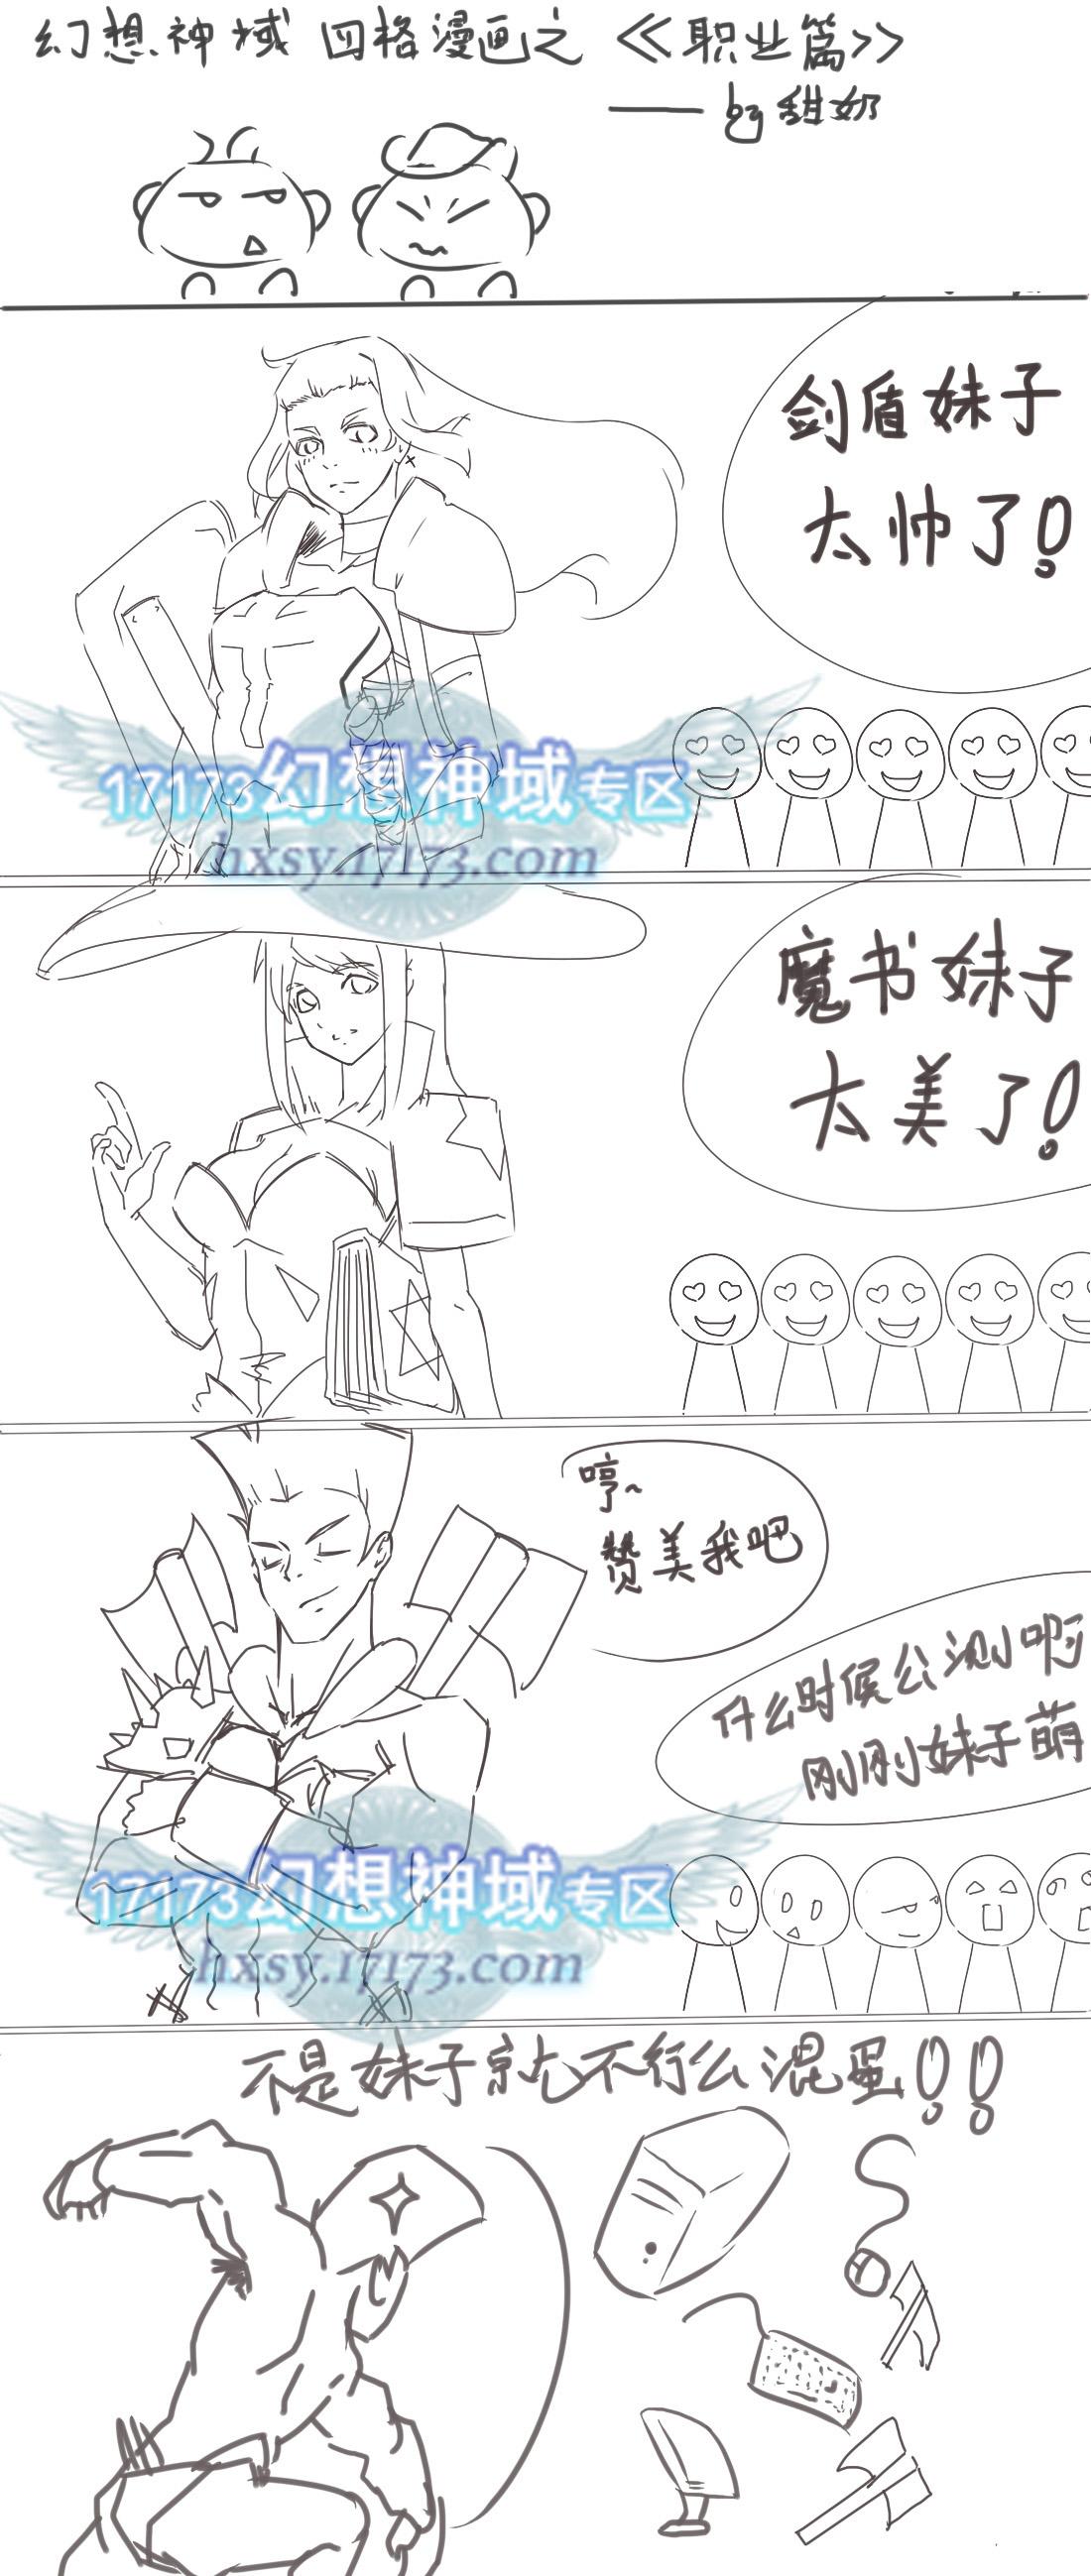 【妖冥殿】幻想神域四格漫画职业篇